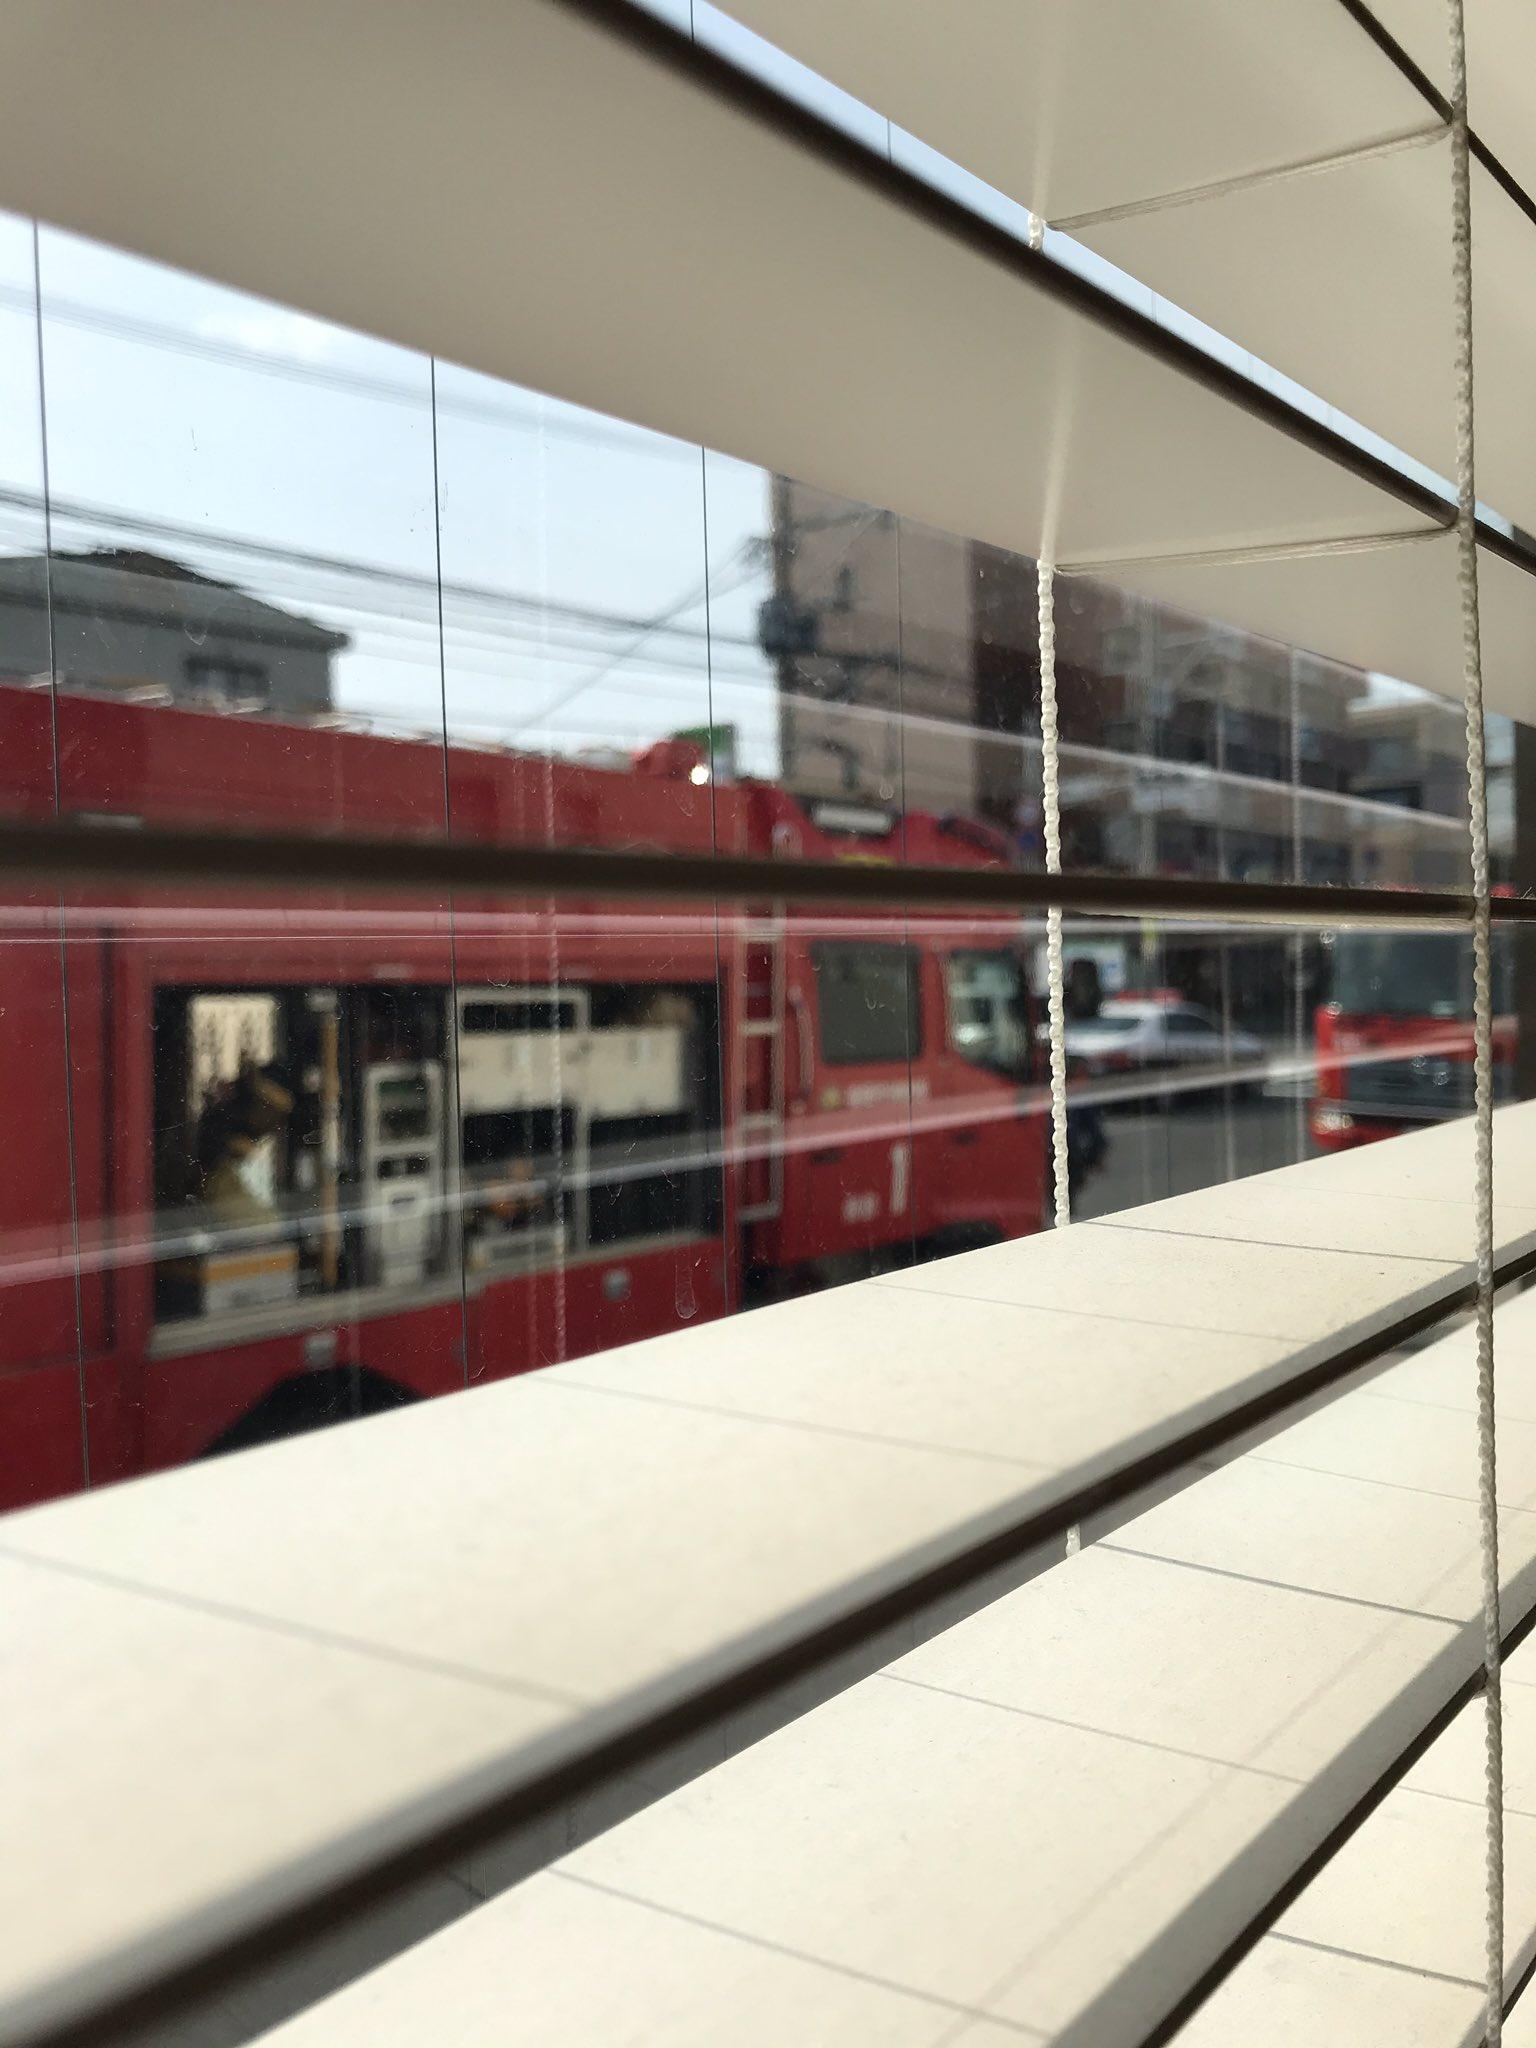 九産大前駅付近の踏切で人身事故が起きた現場の画像